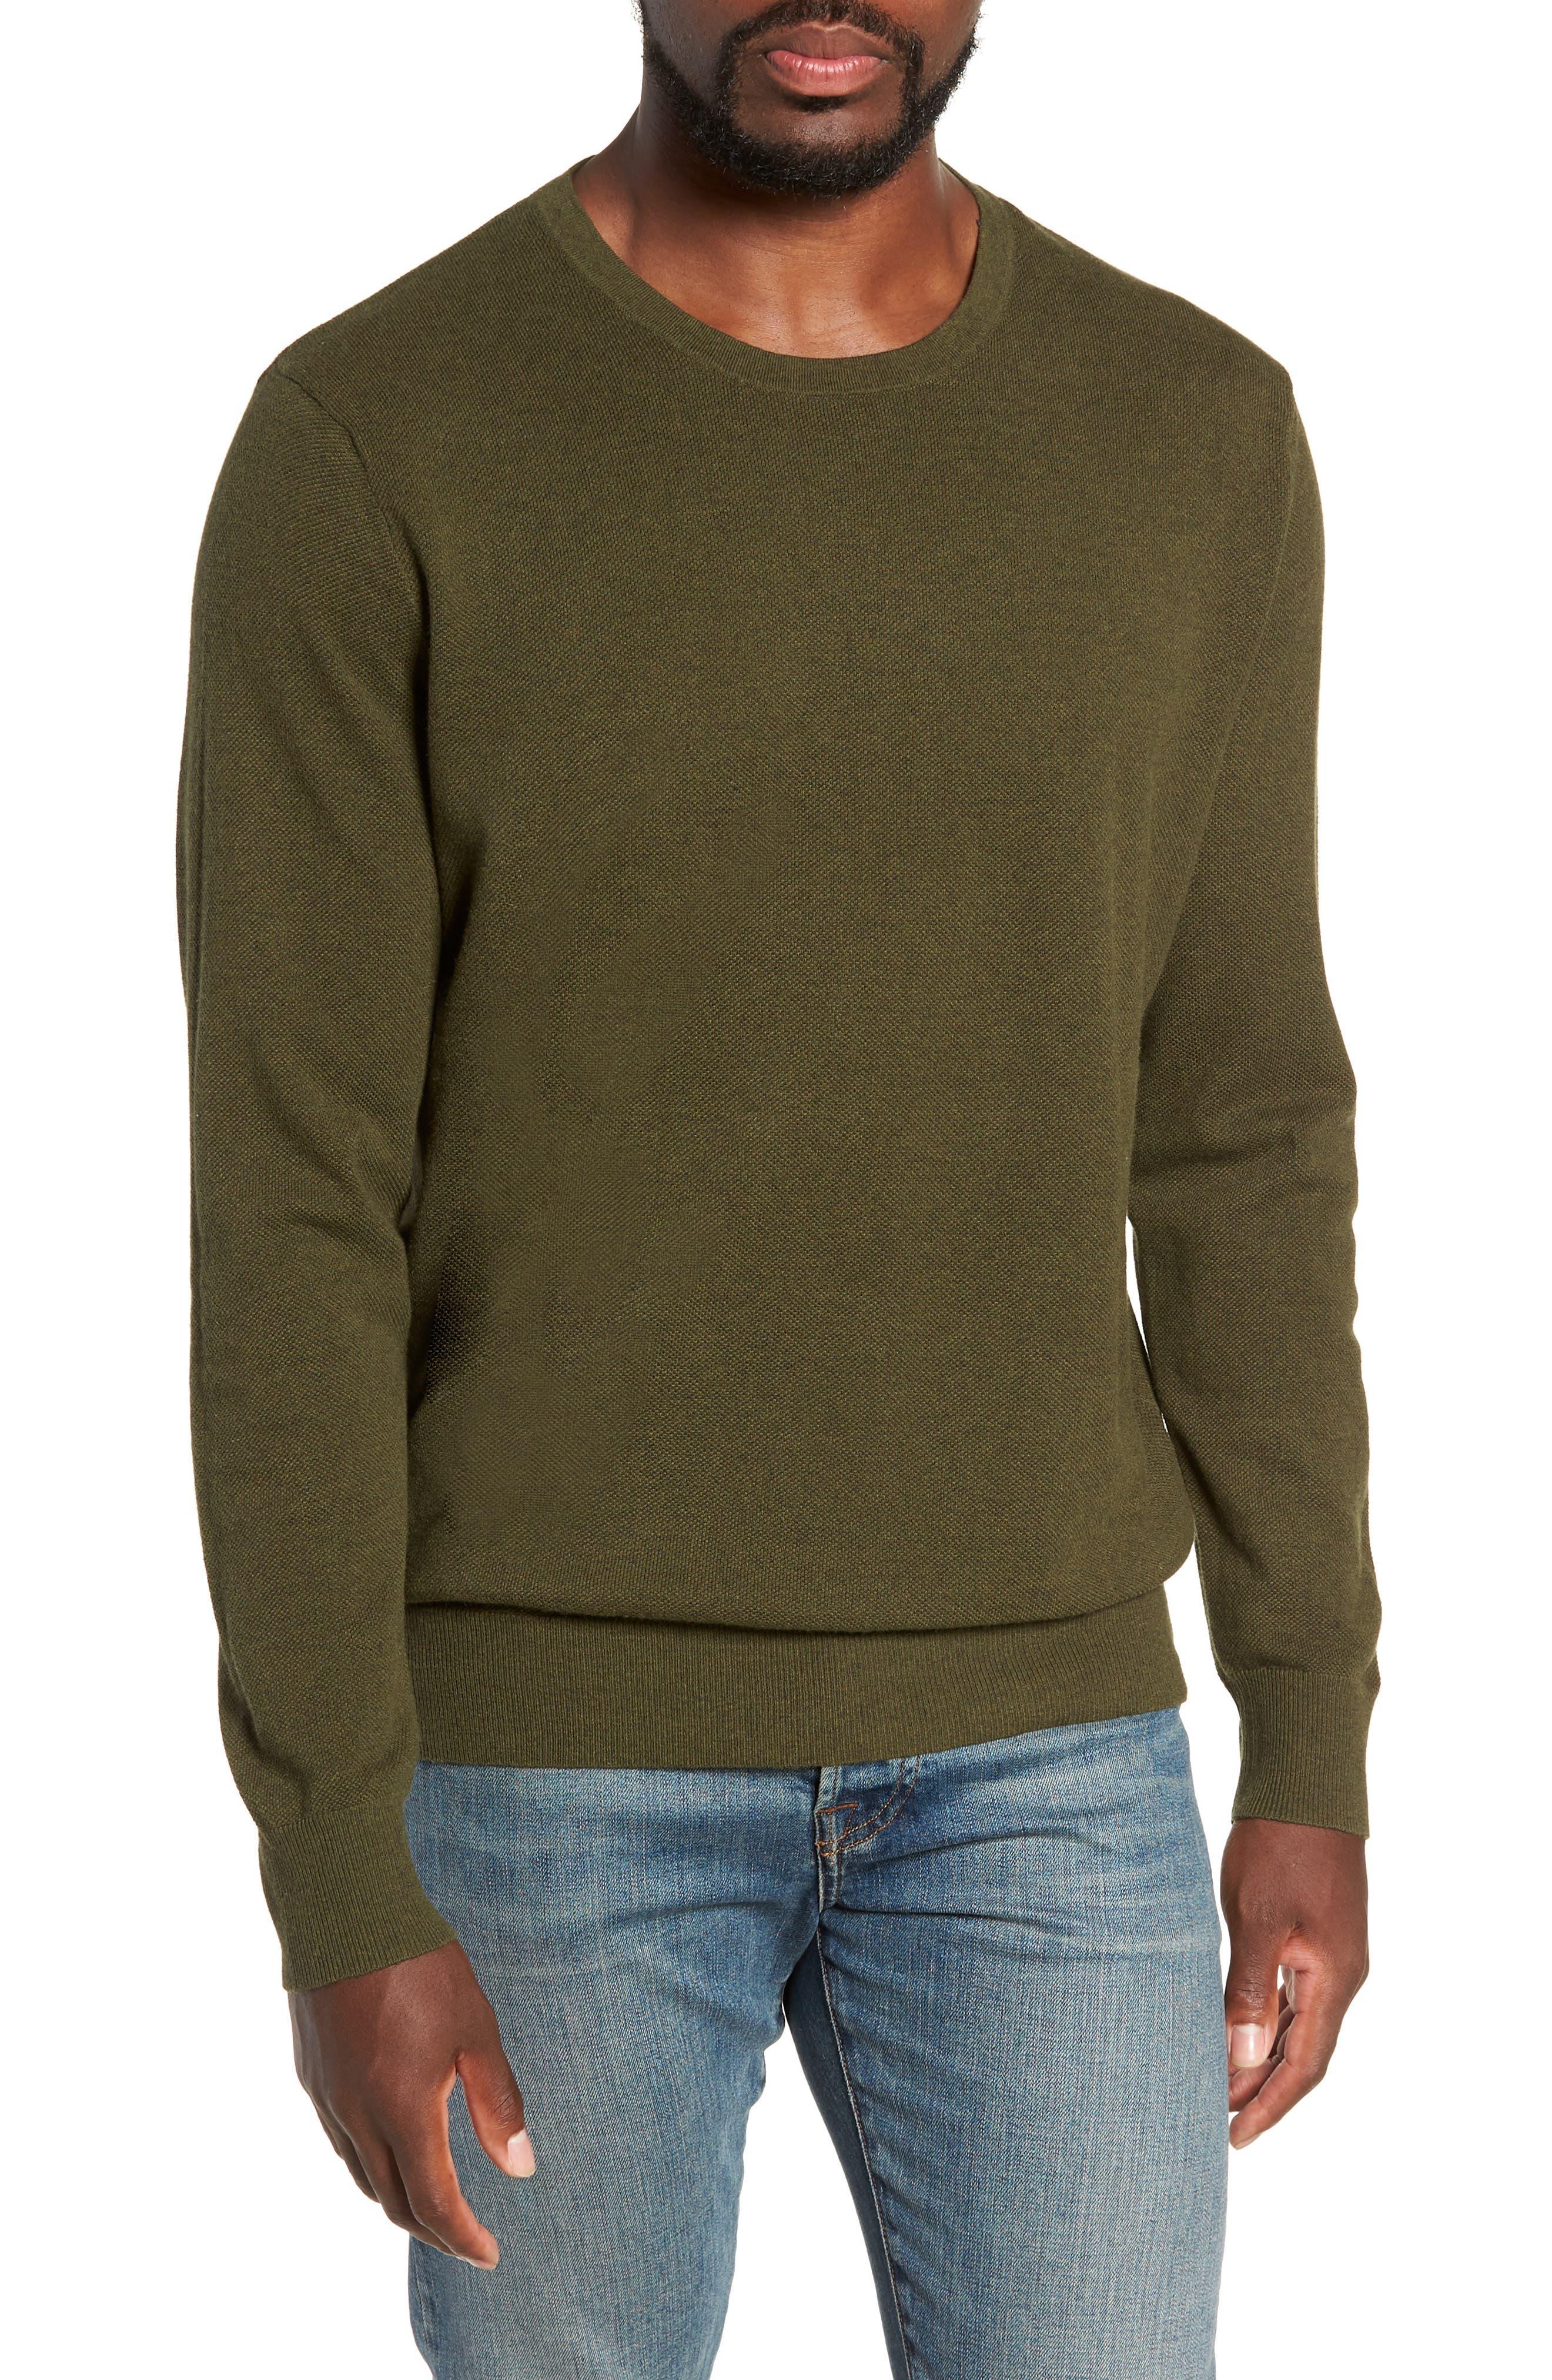 Cotton & Cashmere Piqué Crewneck Sweater,                             Main thumbnail 1, color,                             HEATHER OLIVE